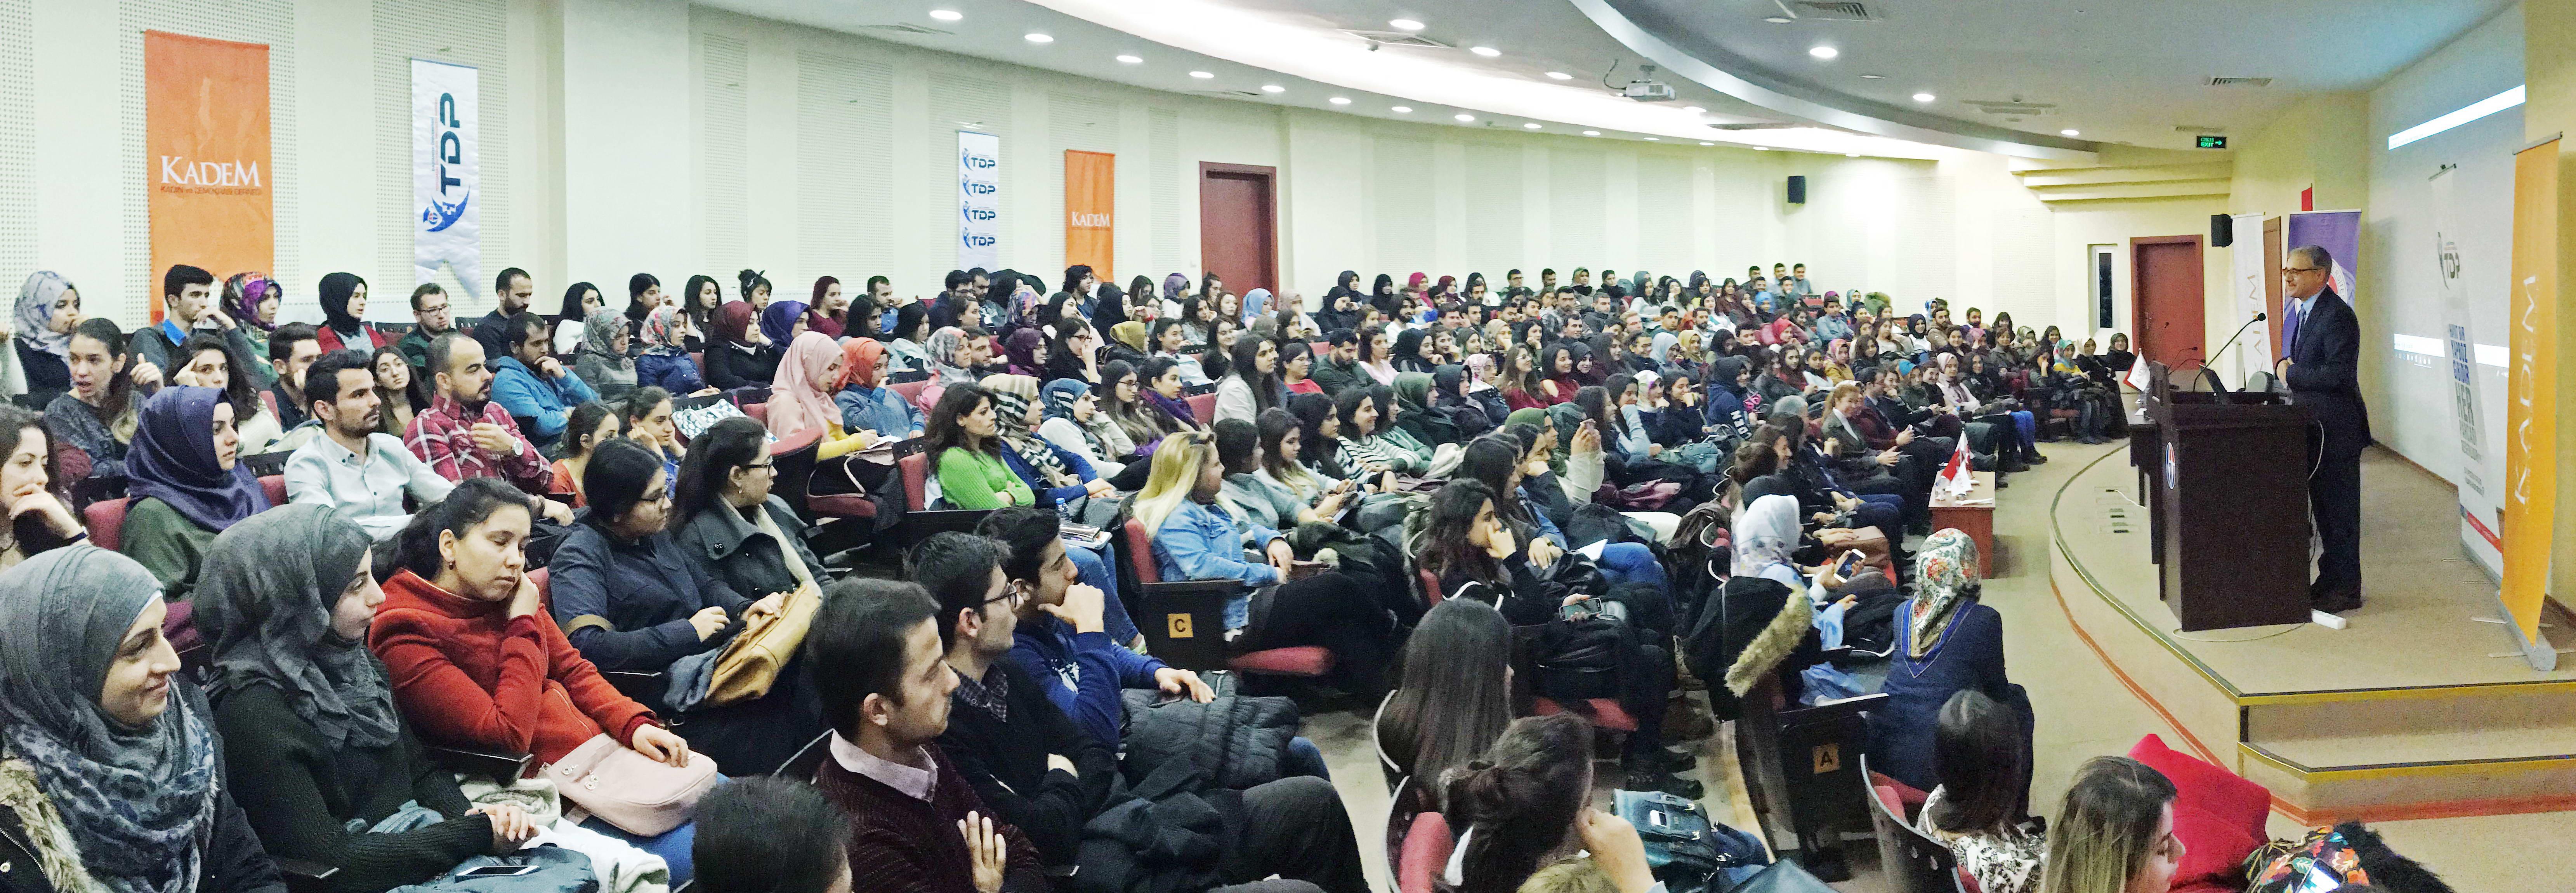 Cocuk İstismarını Fark Et Söyleşisi - Prof. Dr. Metin Bedir-2